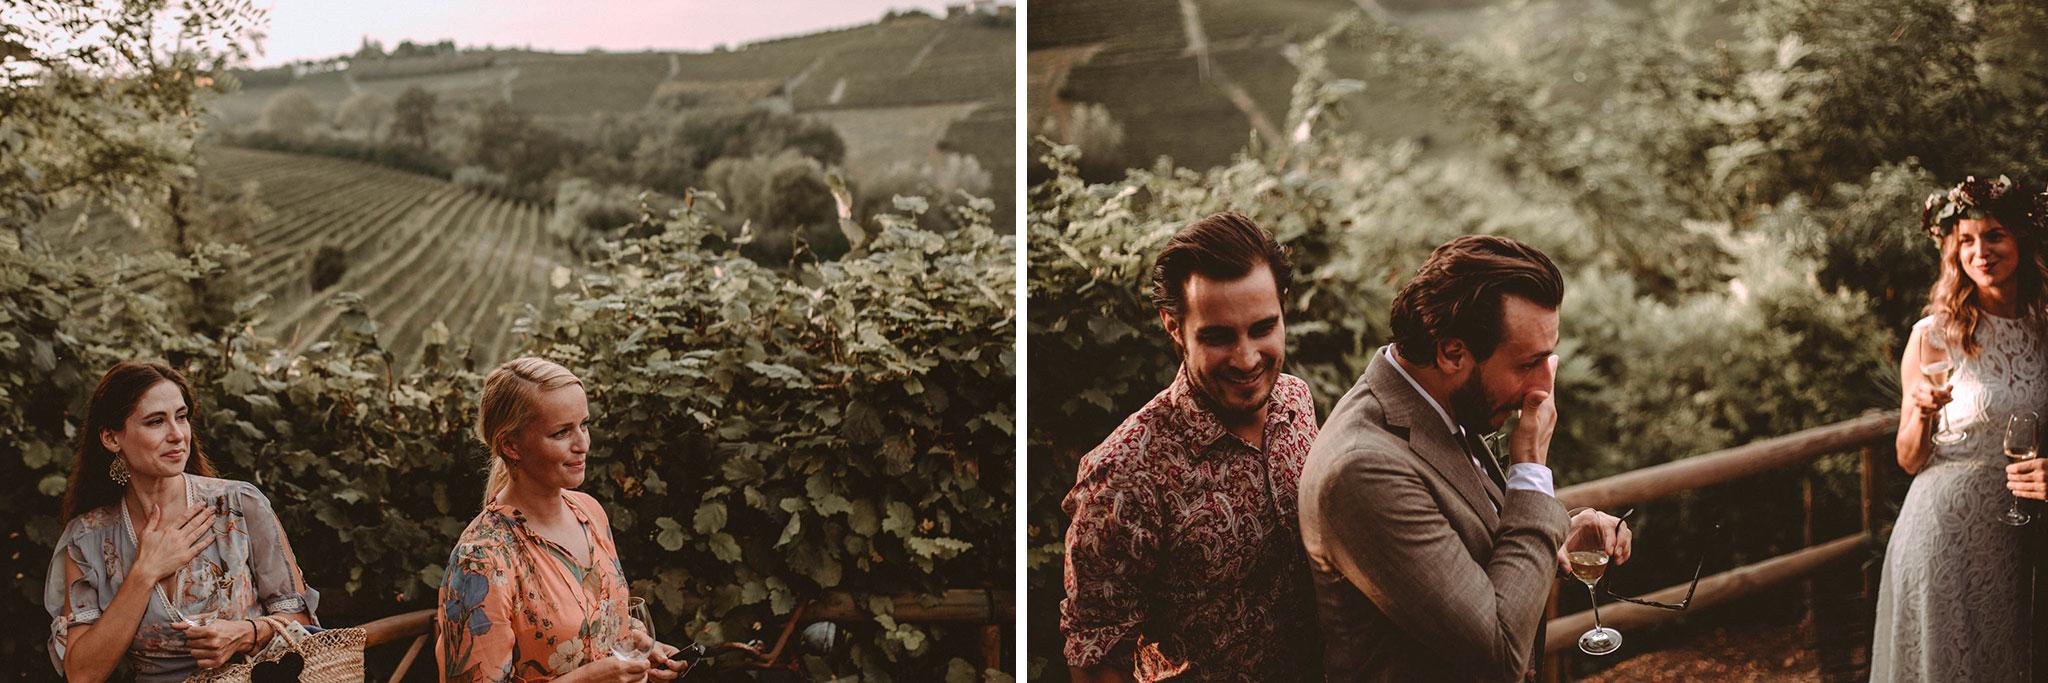 Best_Wedding_Photographer_Italy_03